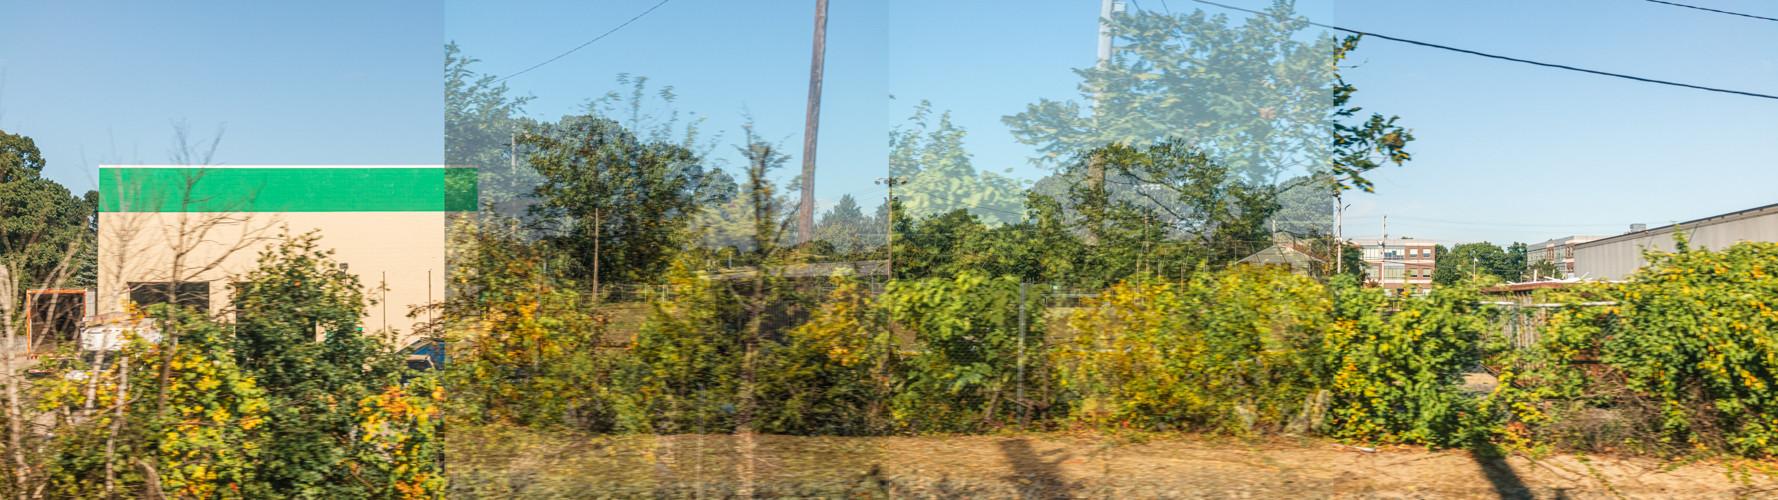 Northbound-5.jpg